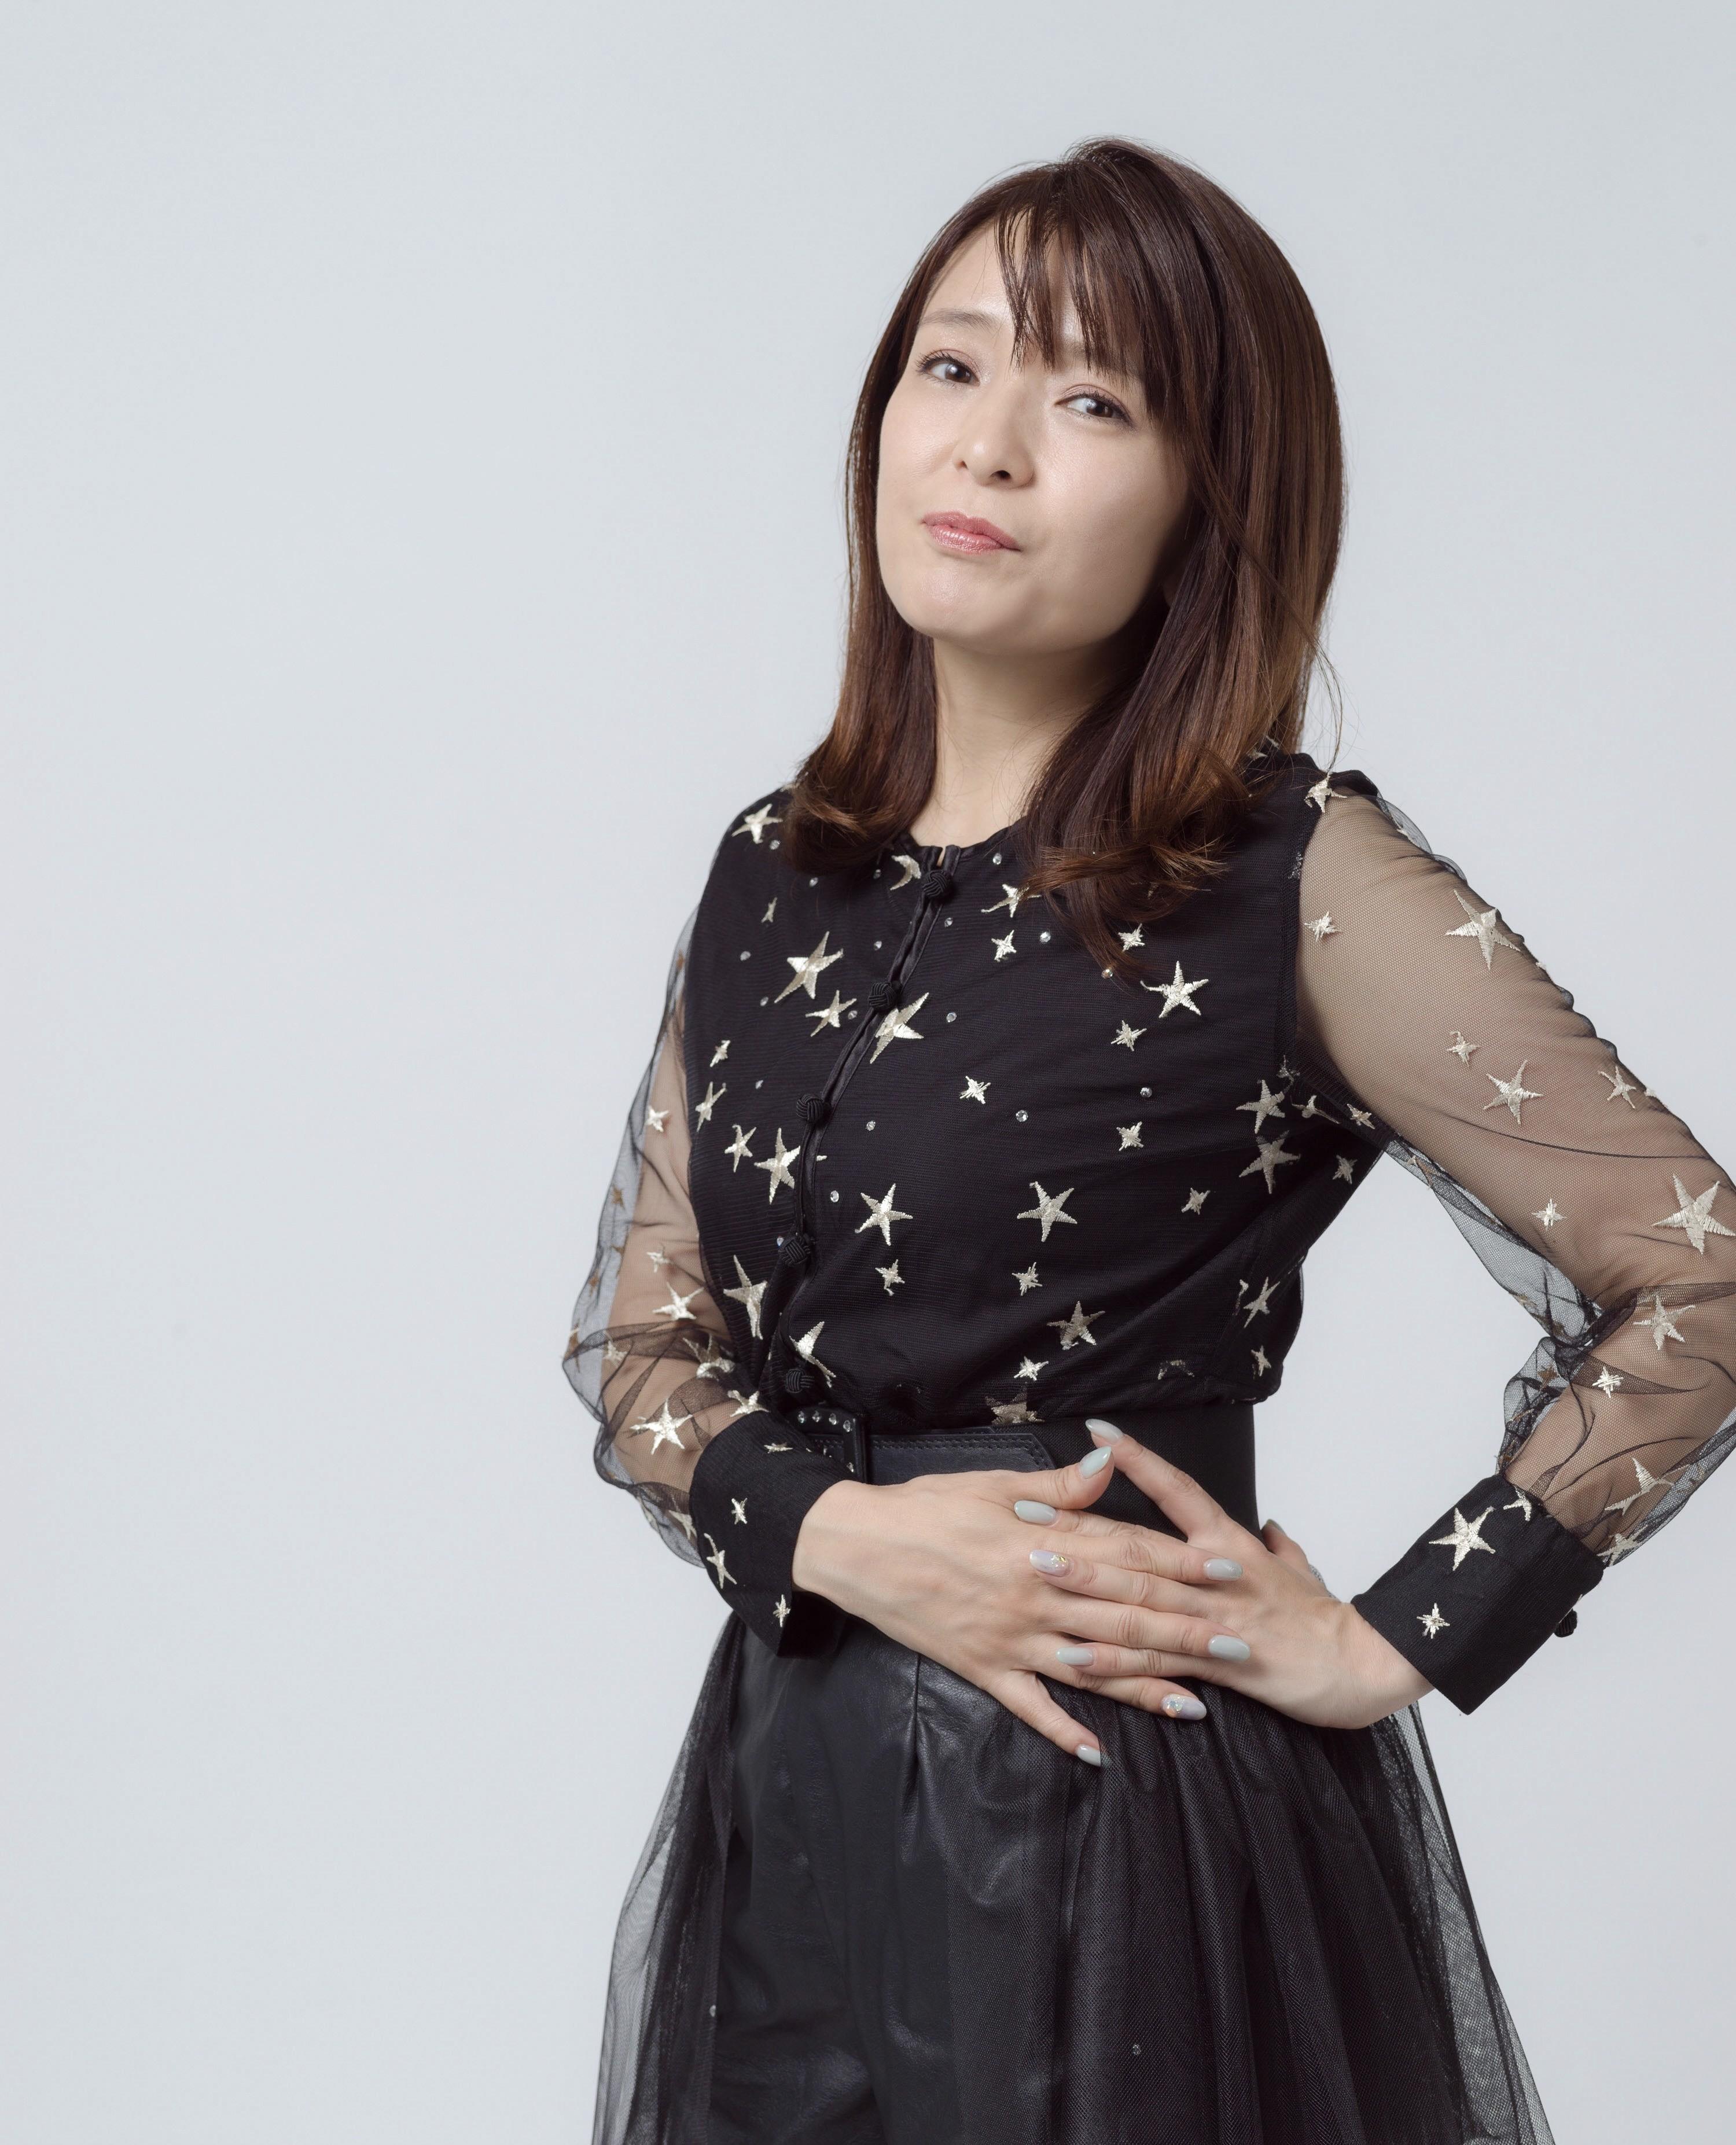 Kominato Miwa